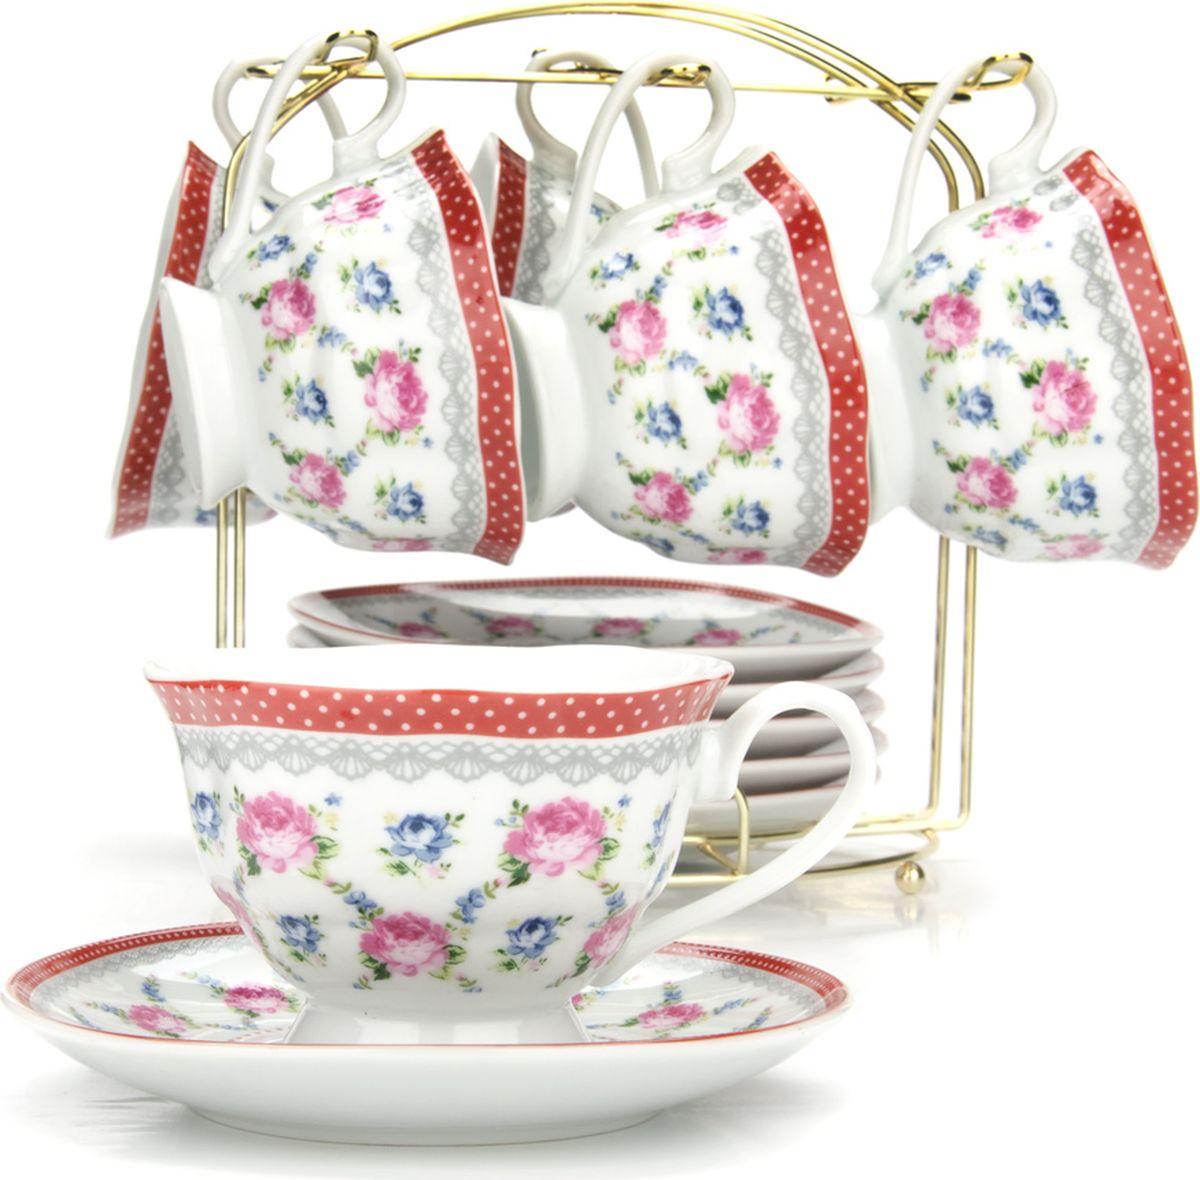 Сервиз чайный Loraine, на подставке, 13 предметов. 4329625947